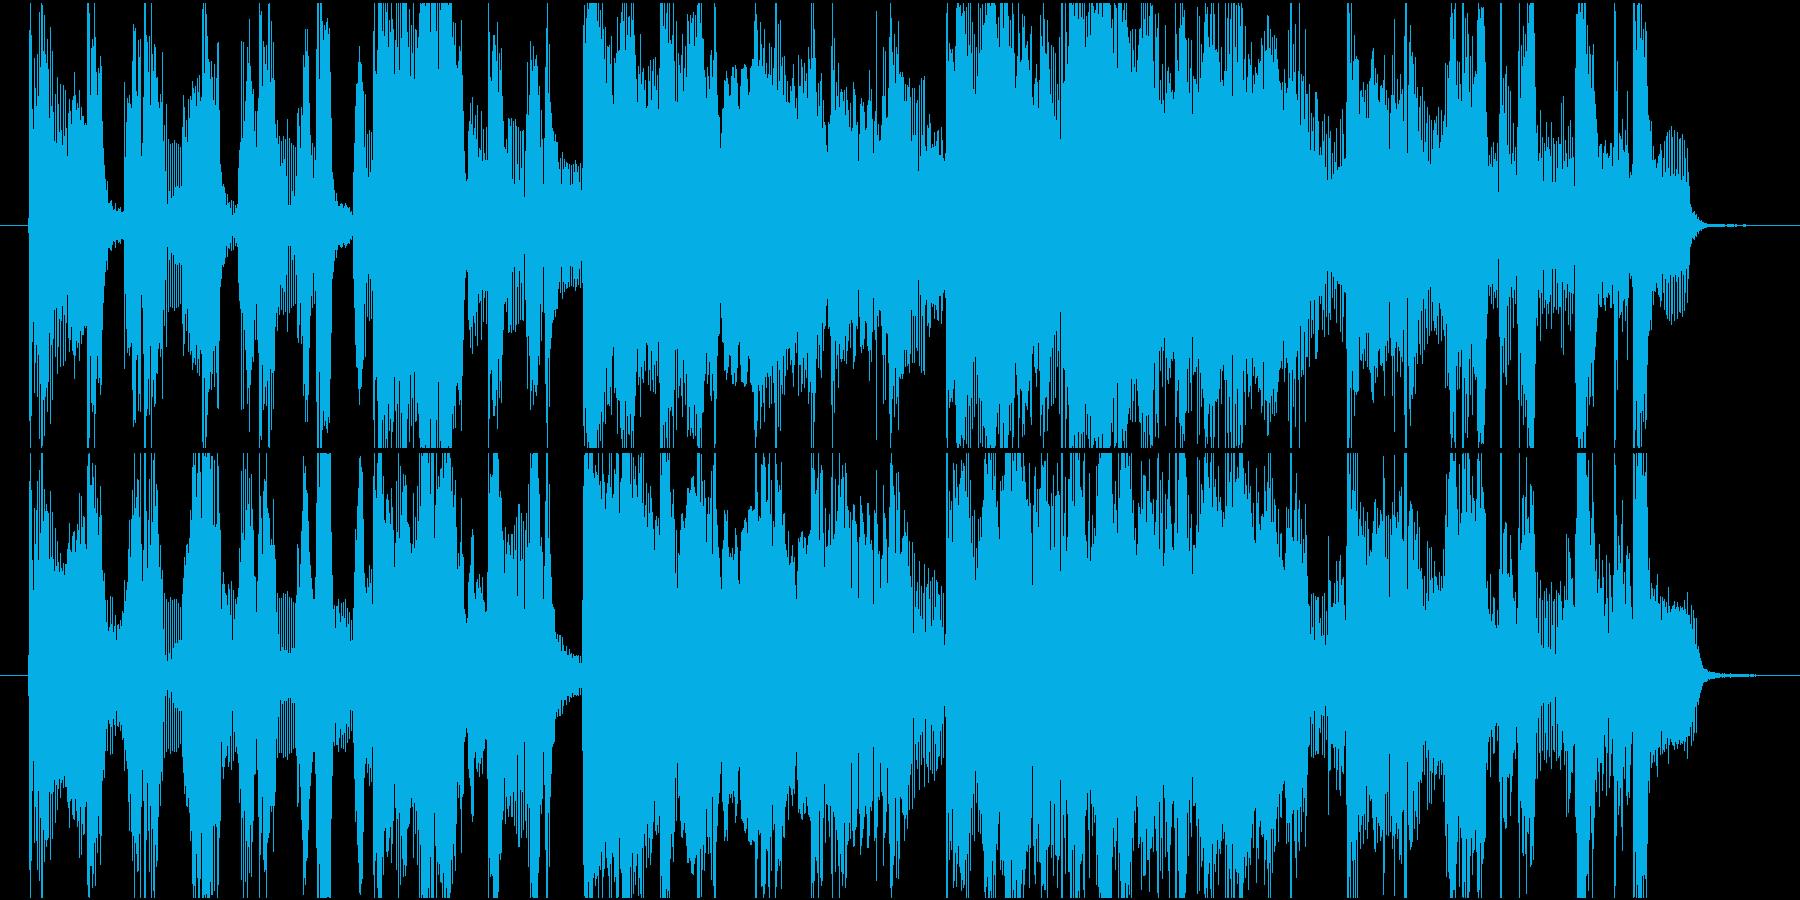 15秒CM 子供用品、ホームセンターなどの再生済みの波形